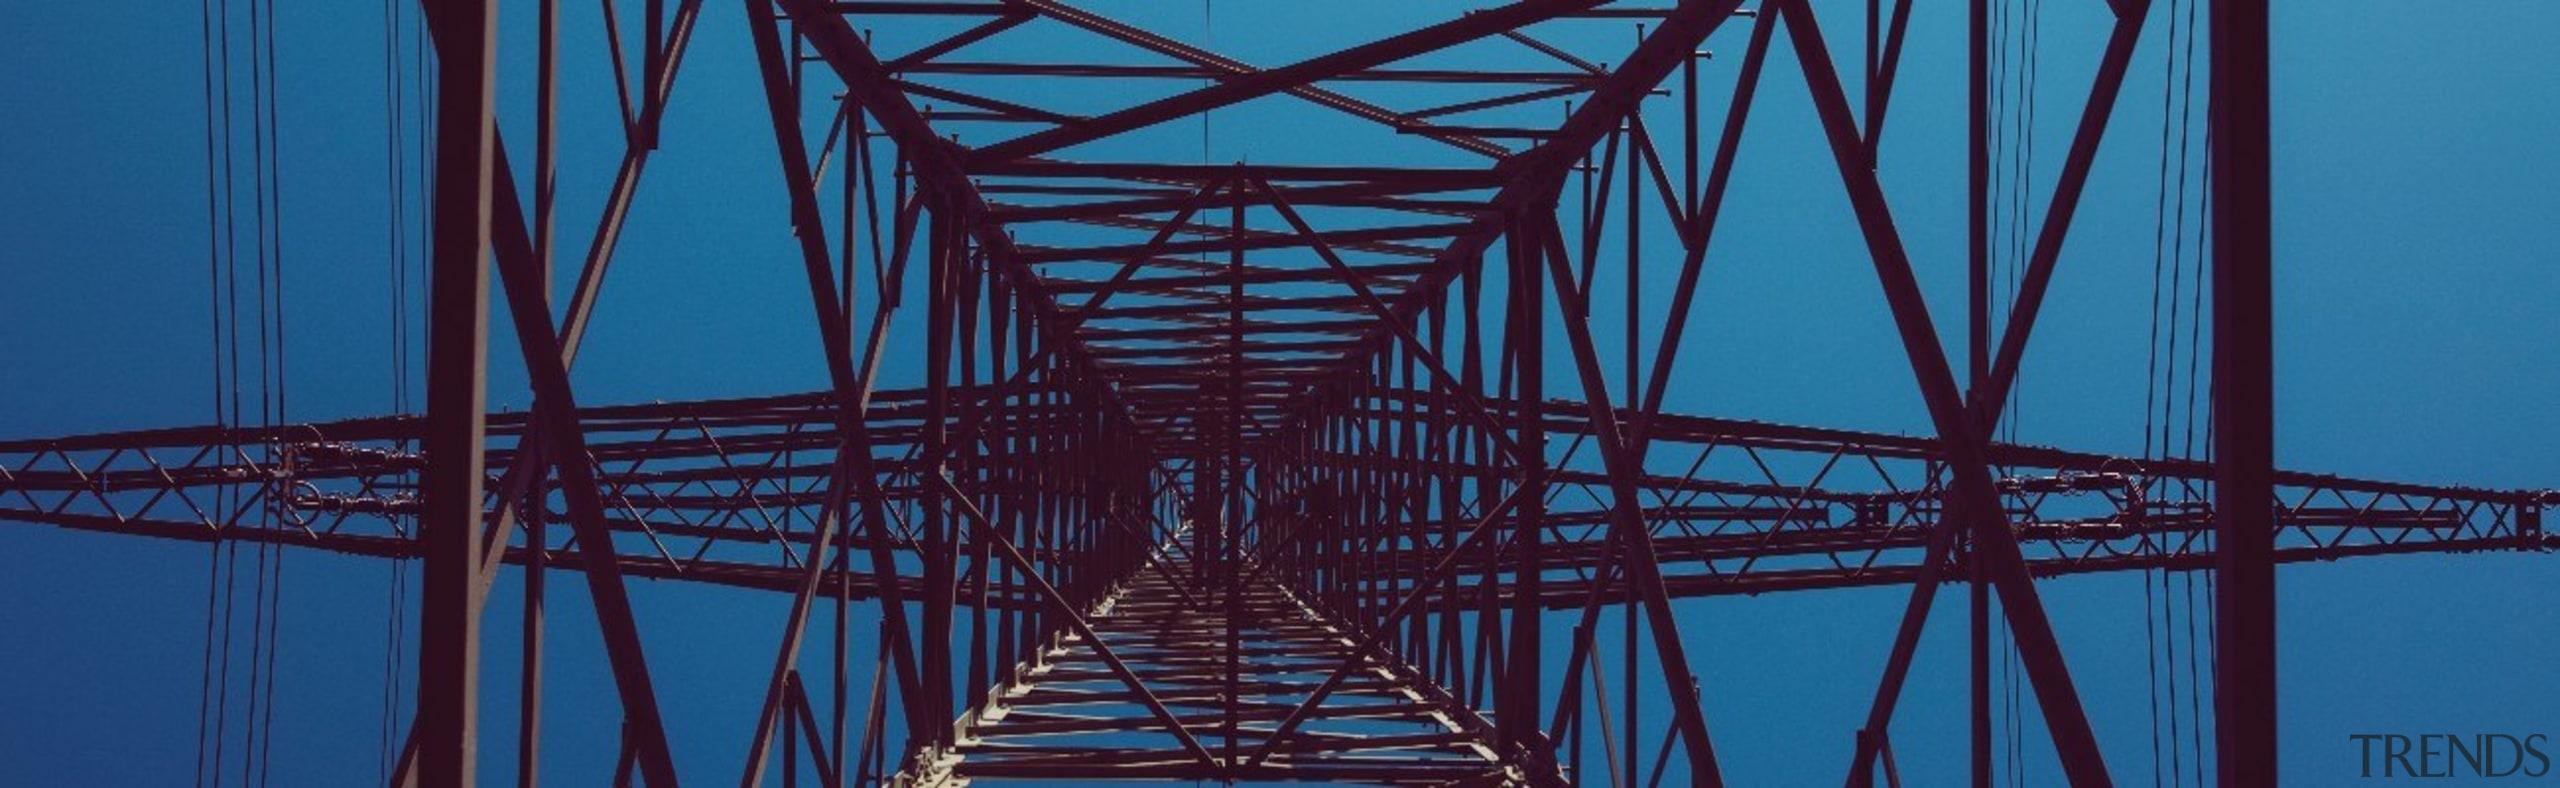 Markus spiske Y8 R6 97 6 Ps unsplash bridge, girder bridge, nonbuilding structure, steel, truss bridge, blue, teal